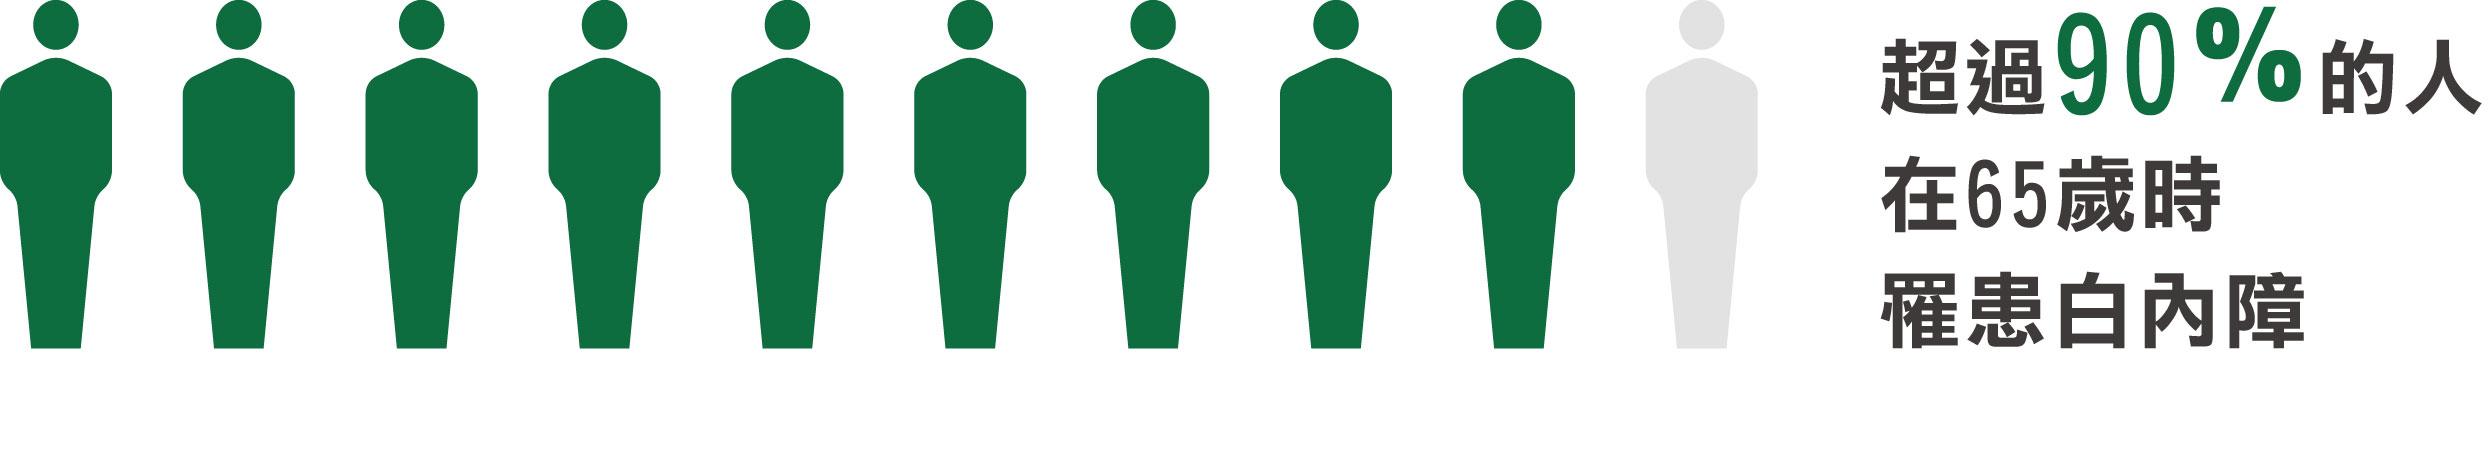 超過90%的人在65歲時罹患白內障